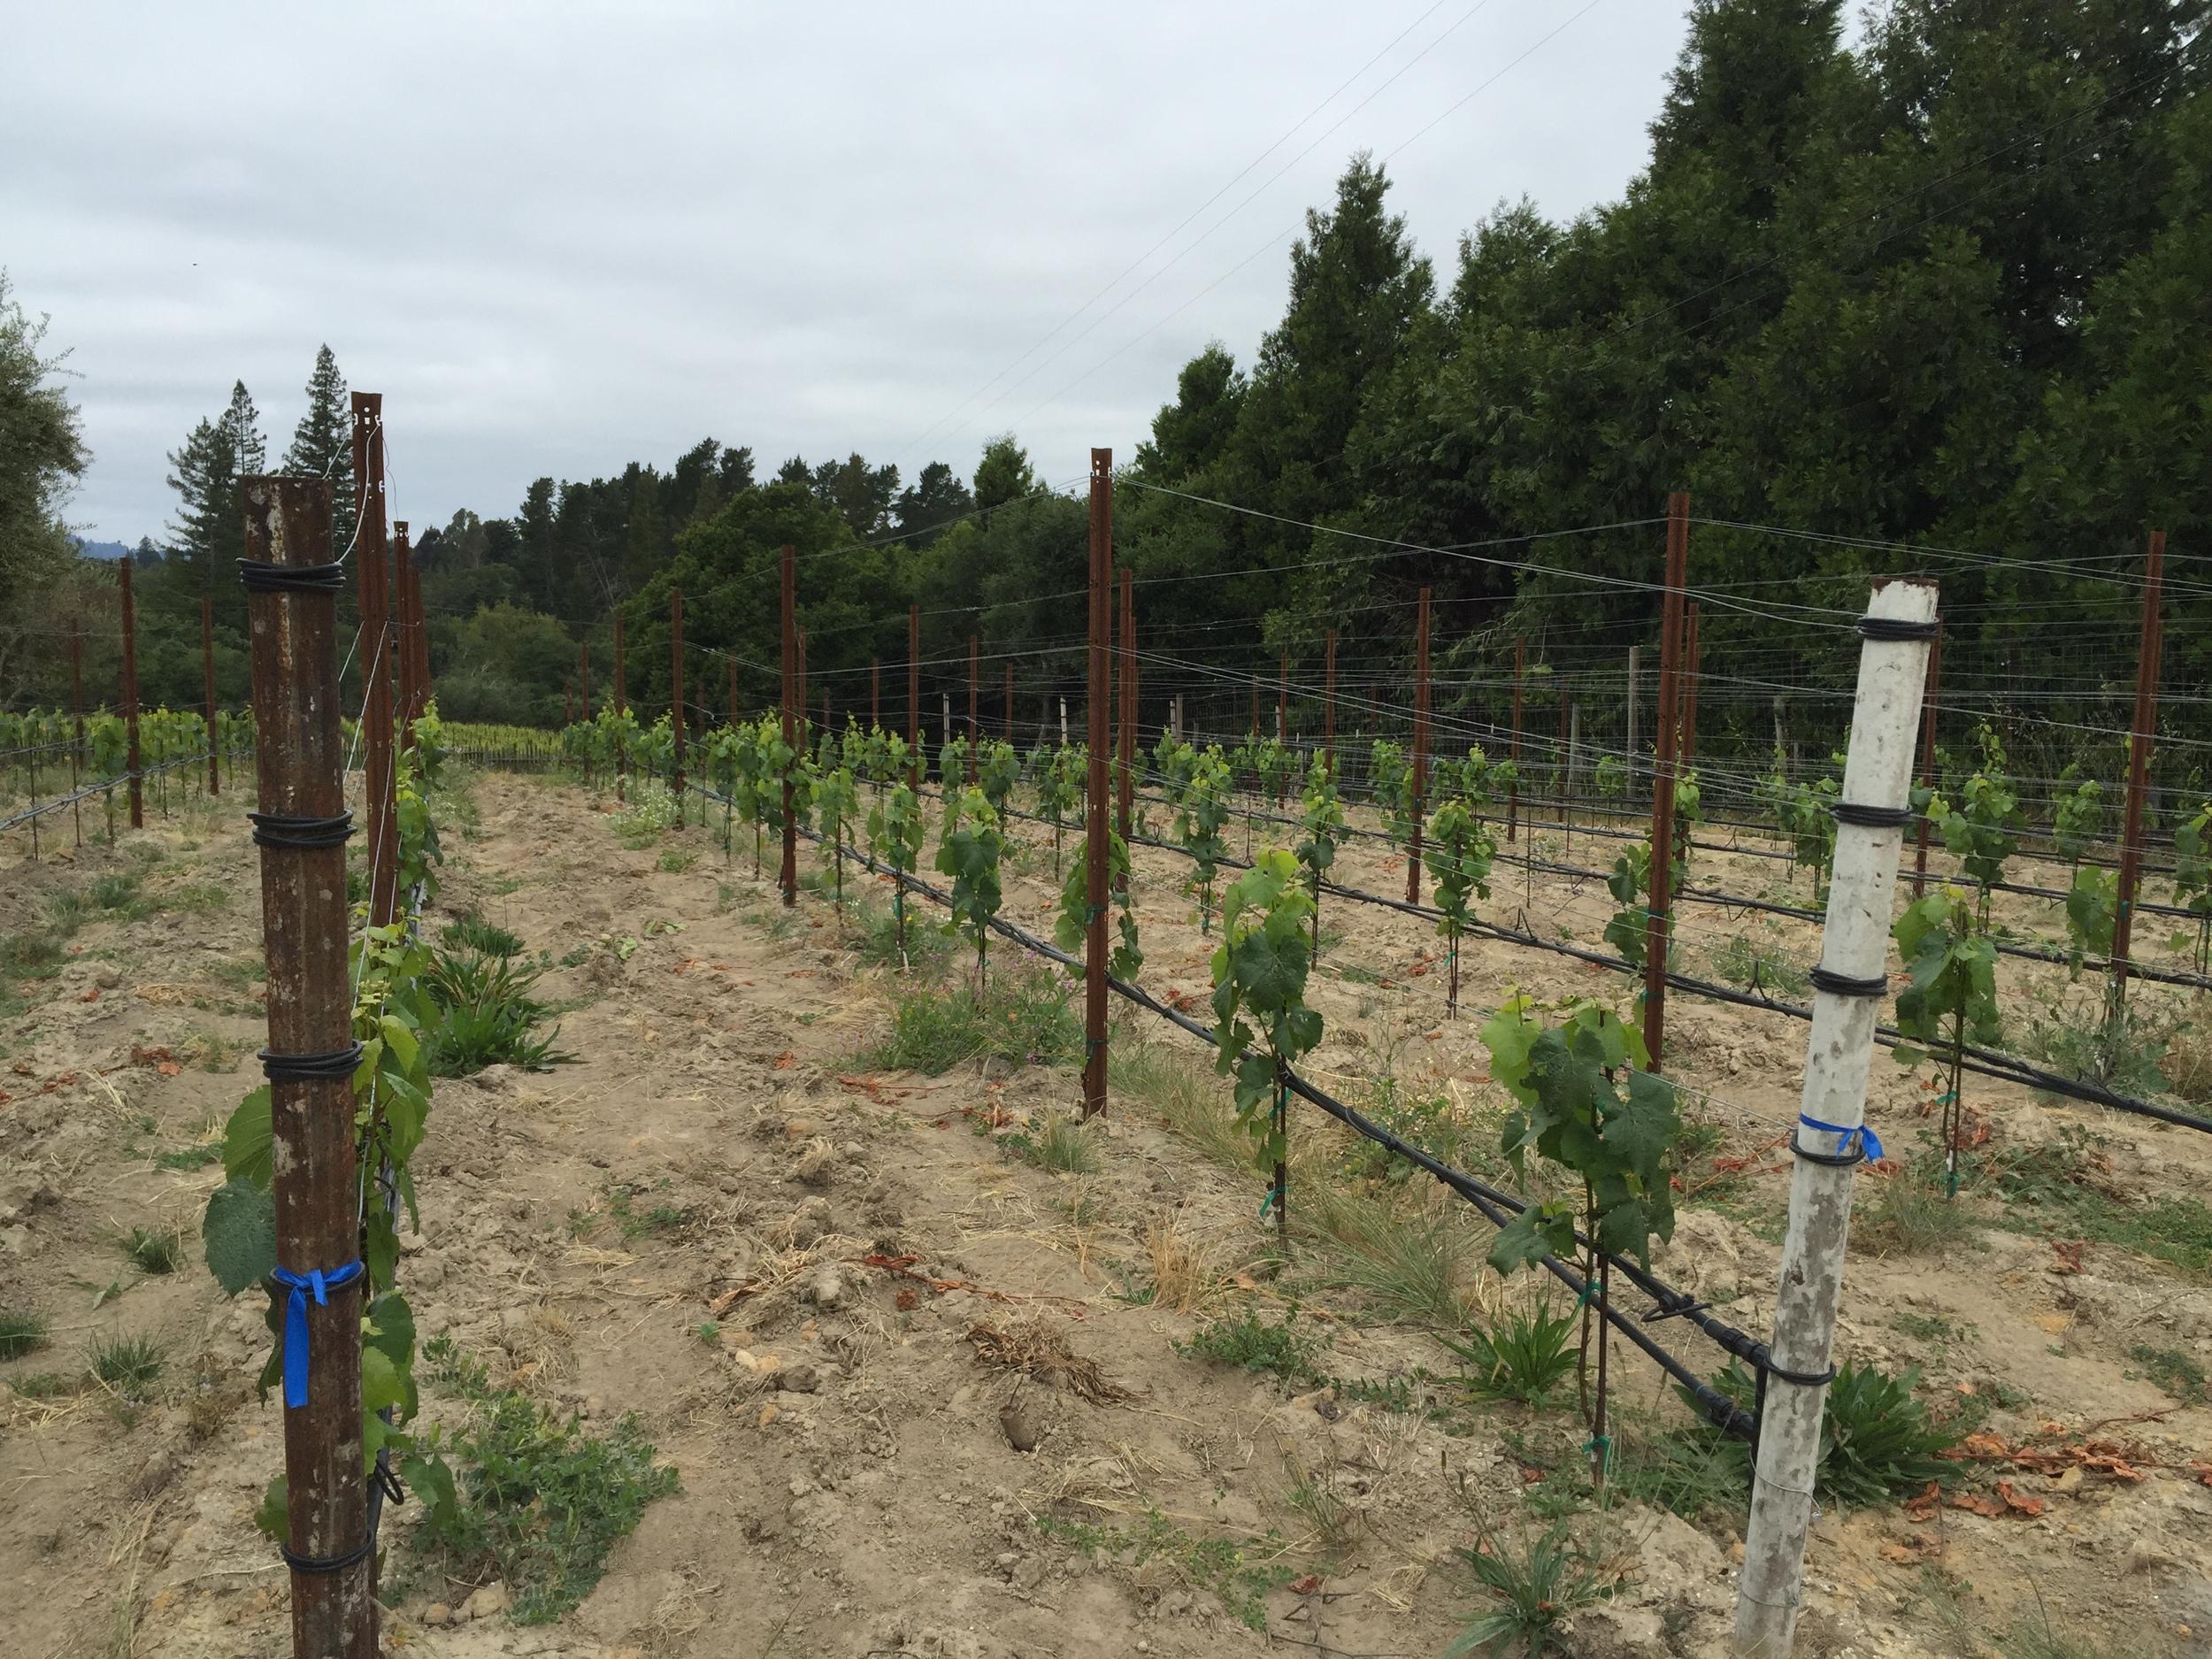 Rows of well-trained trunks in Celeste's block at Gantz Family Vineyards